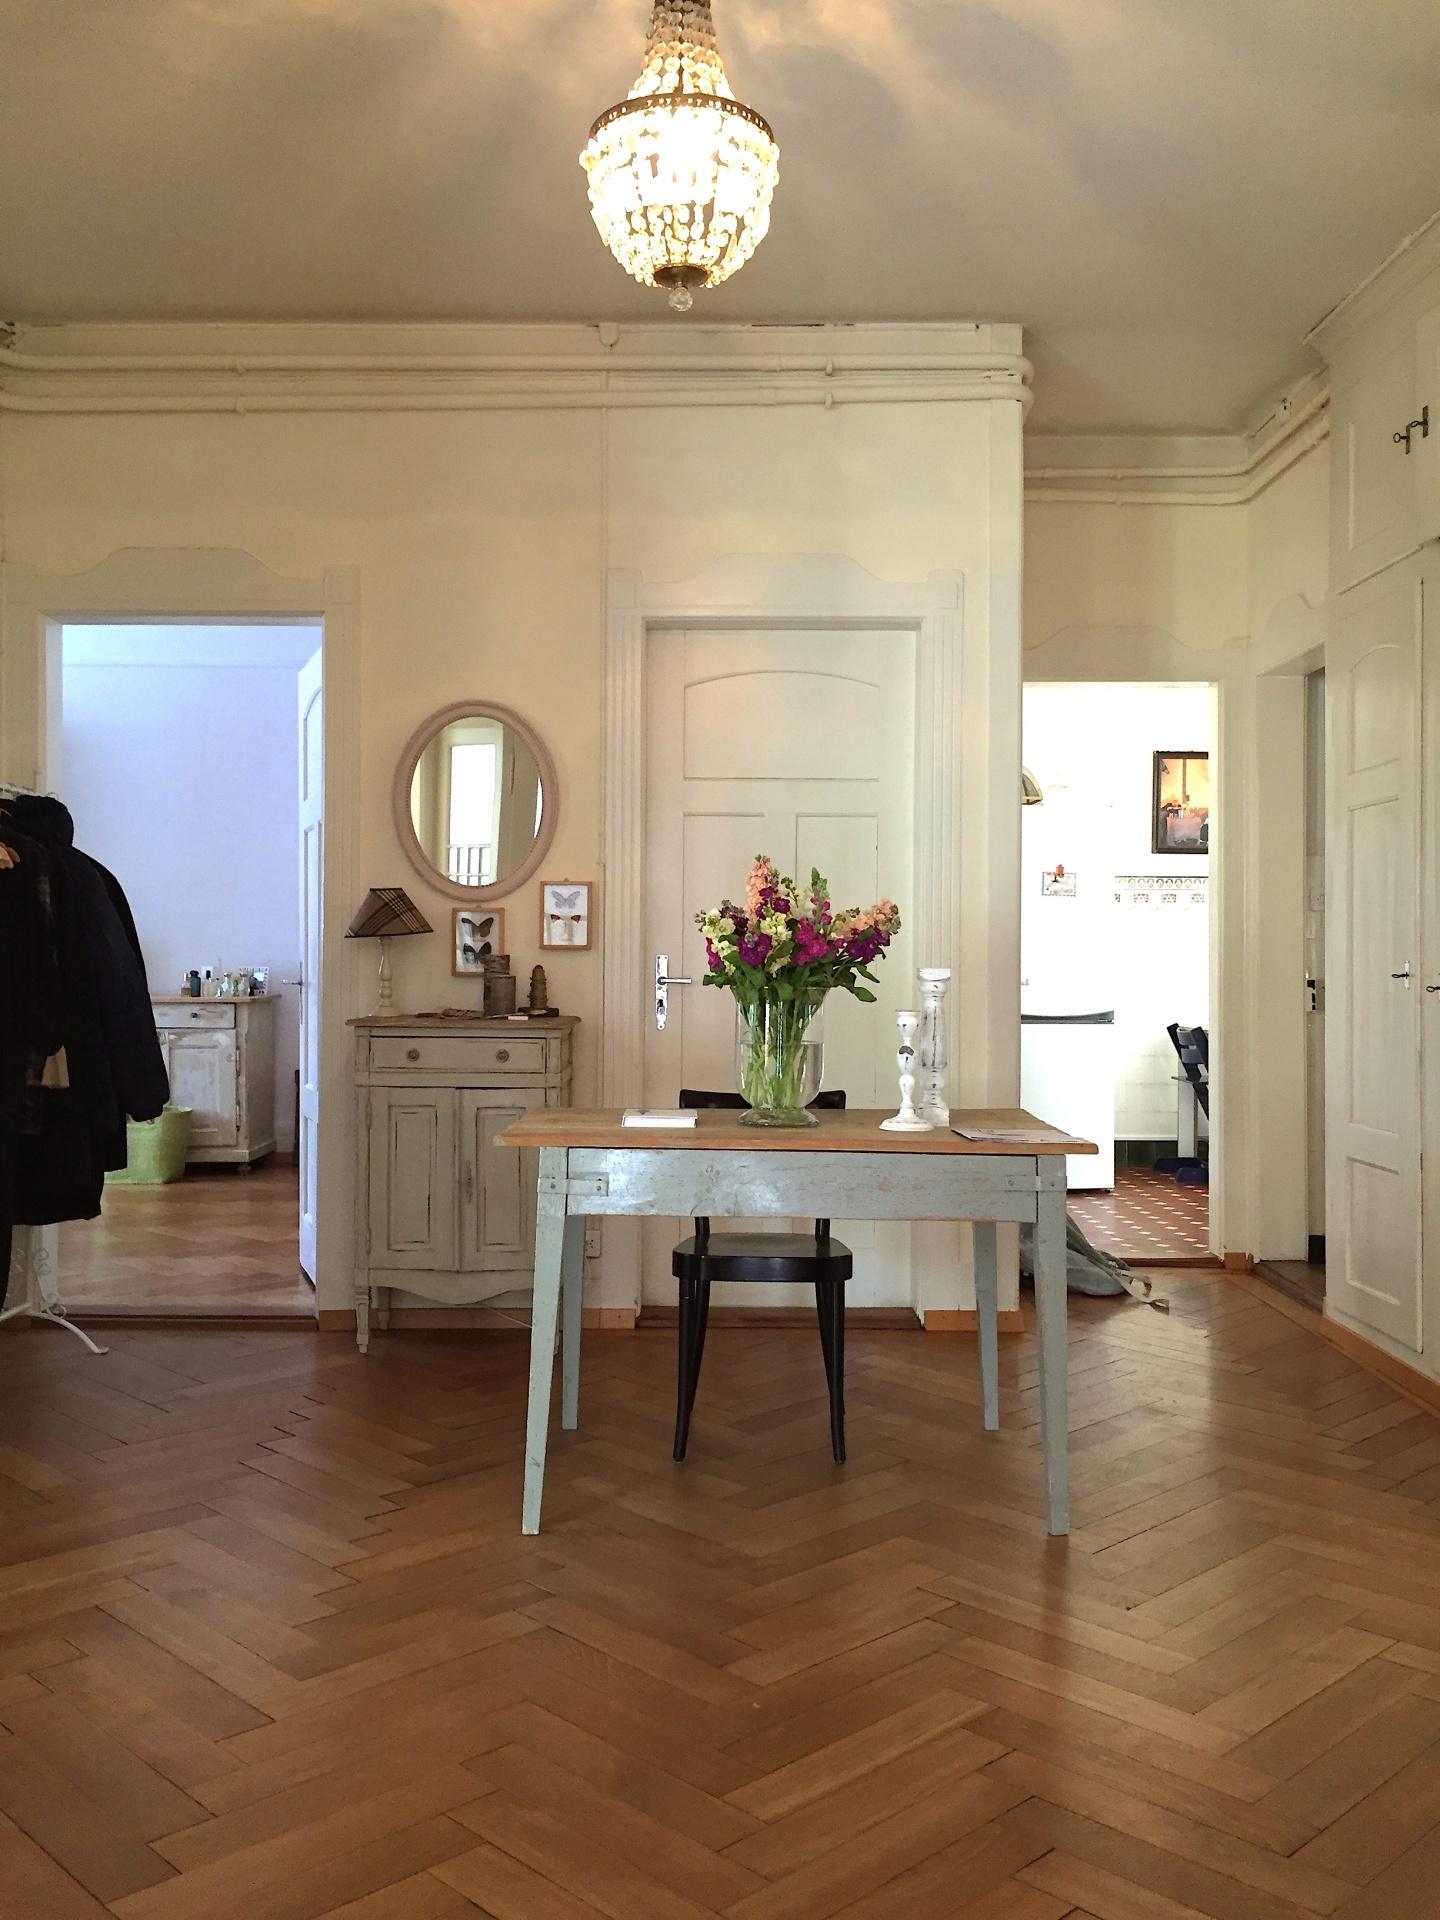 5 wege das neue zuhause pers nlicher zu gestalten for Neues wohnzimmer gestalten